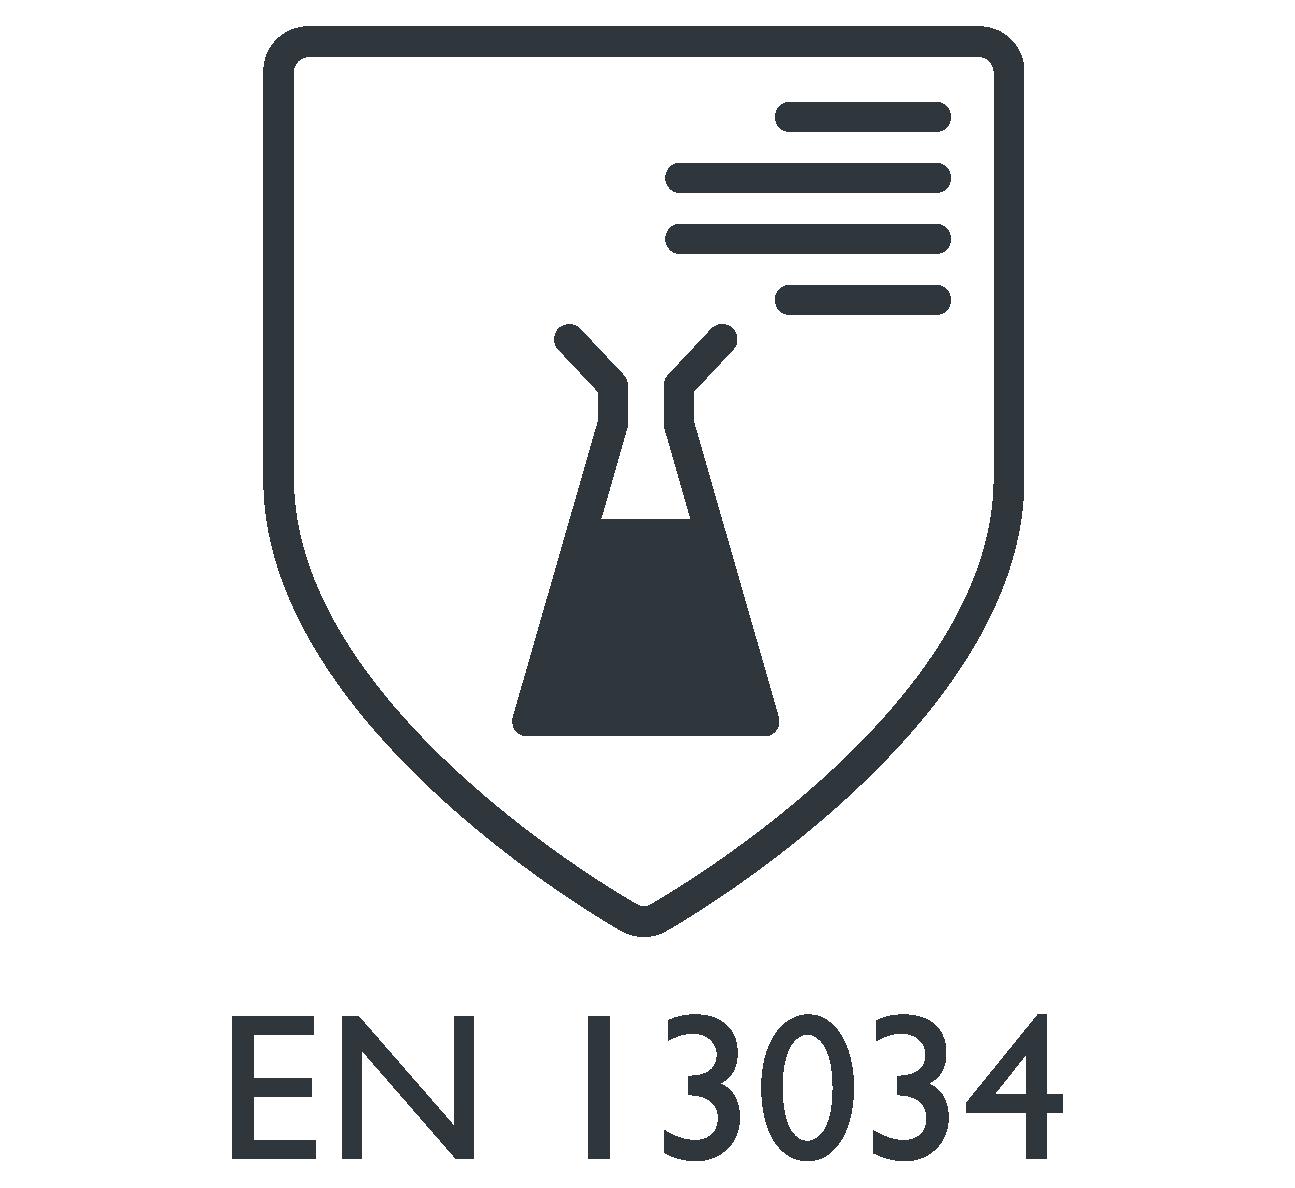 EN 13034 Protecção contra salpicos